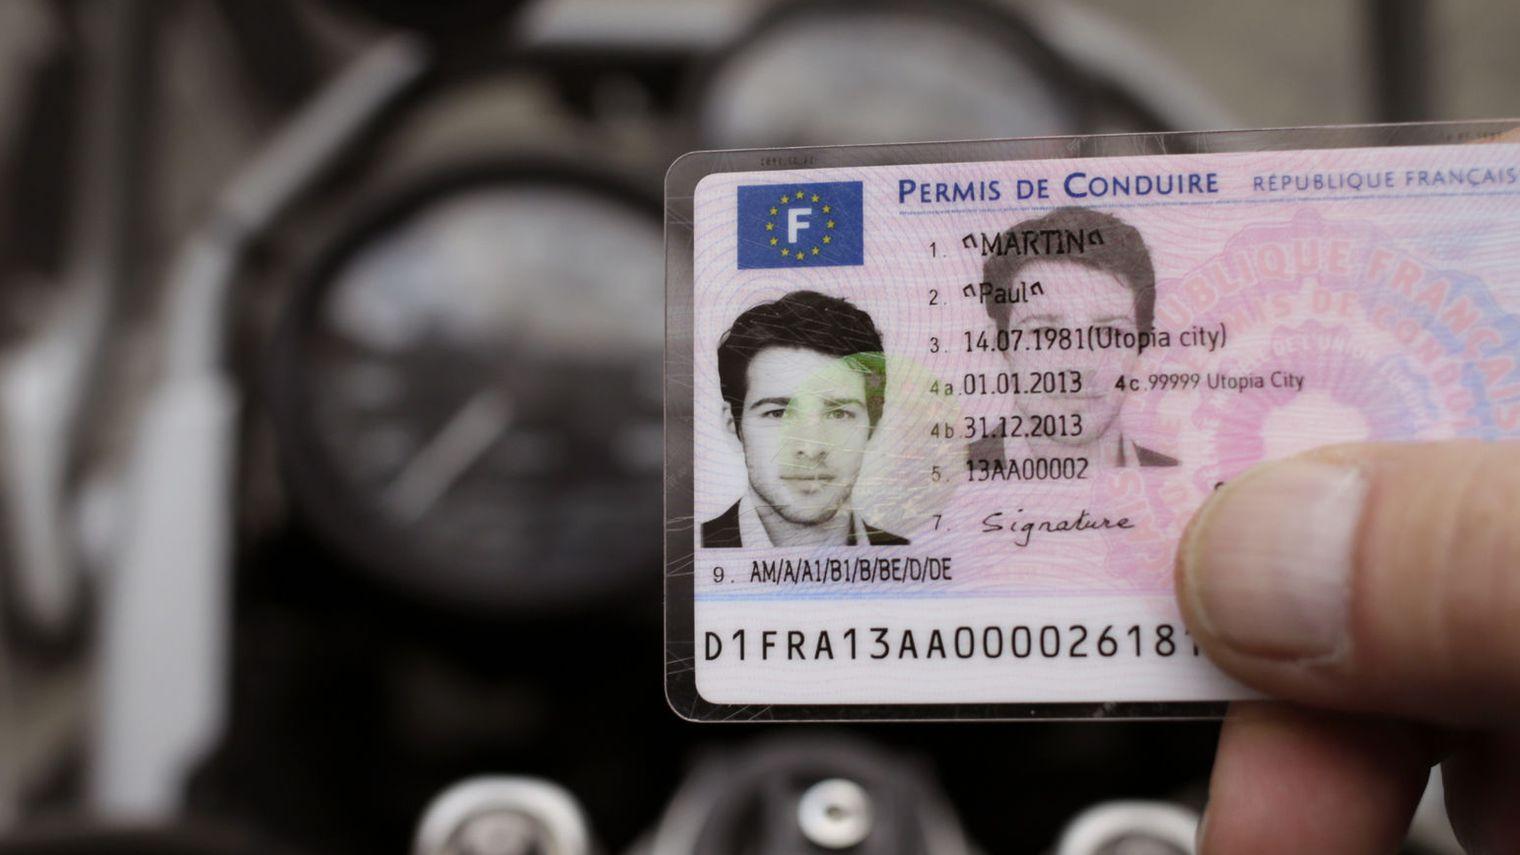 Permis De Conduire Consulat General De France A New York